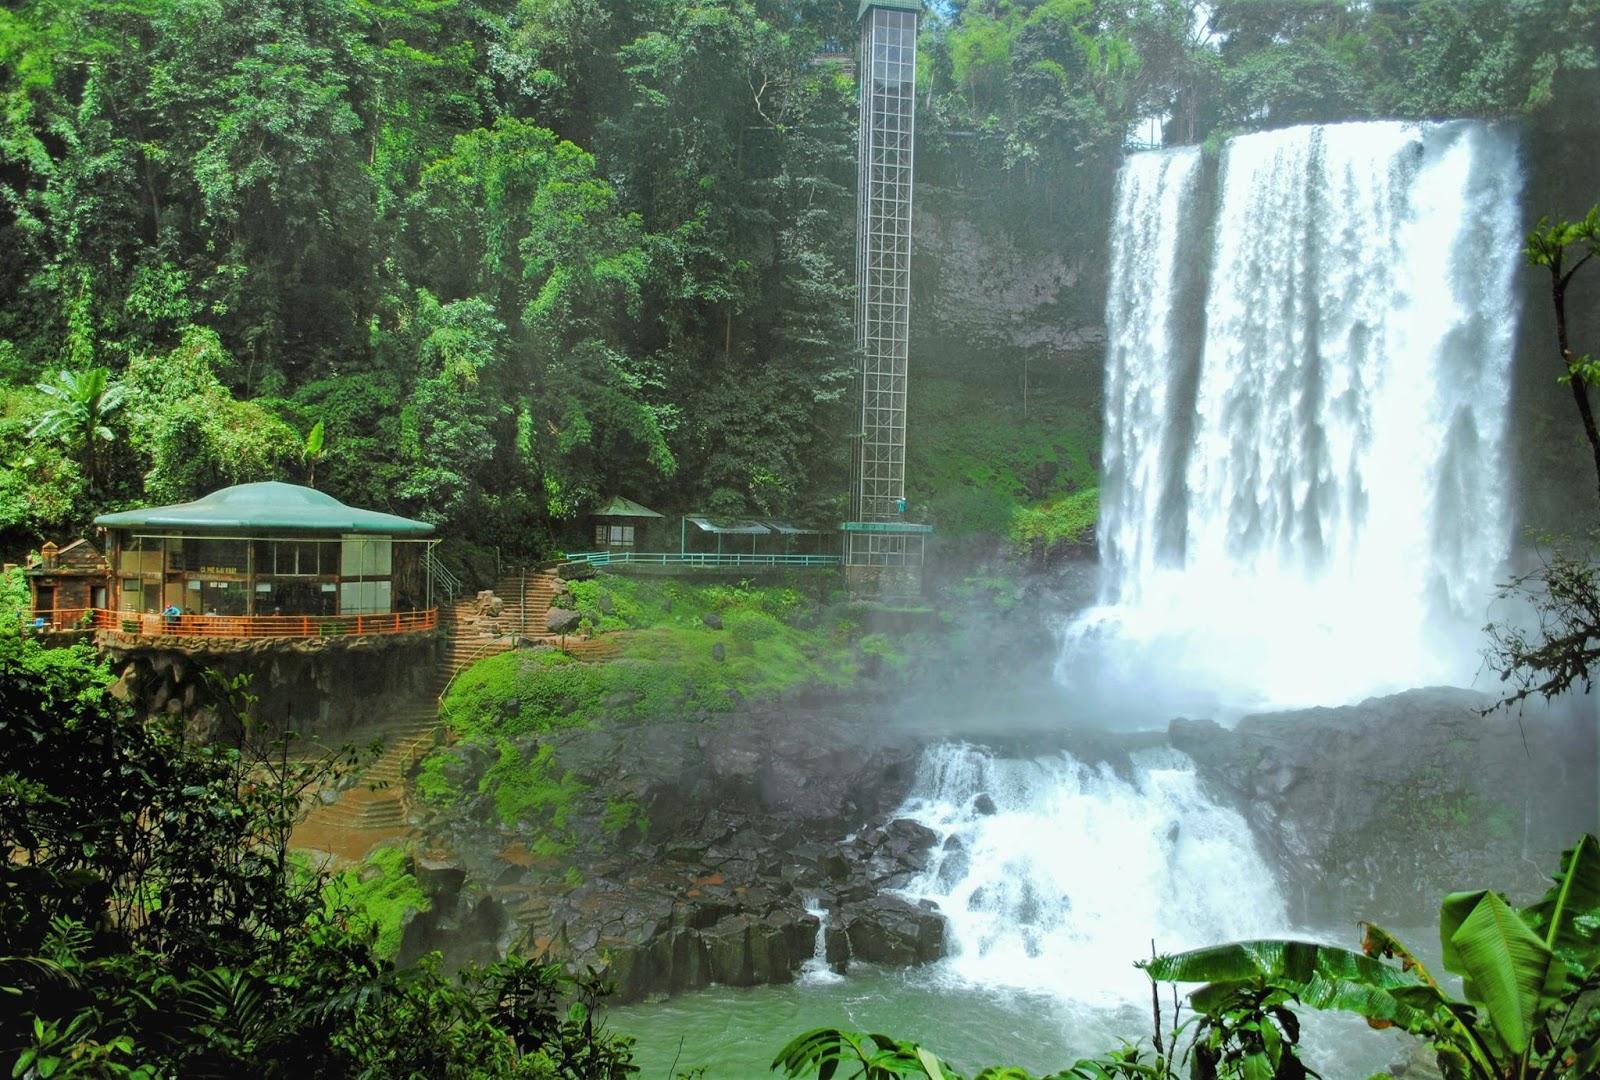 Mách nhau 9 điểm du lịch tuyệt đẹp ít ai biết ở Bảo Lộc